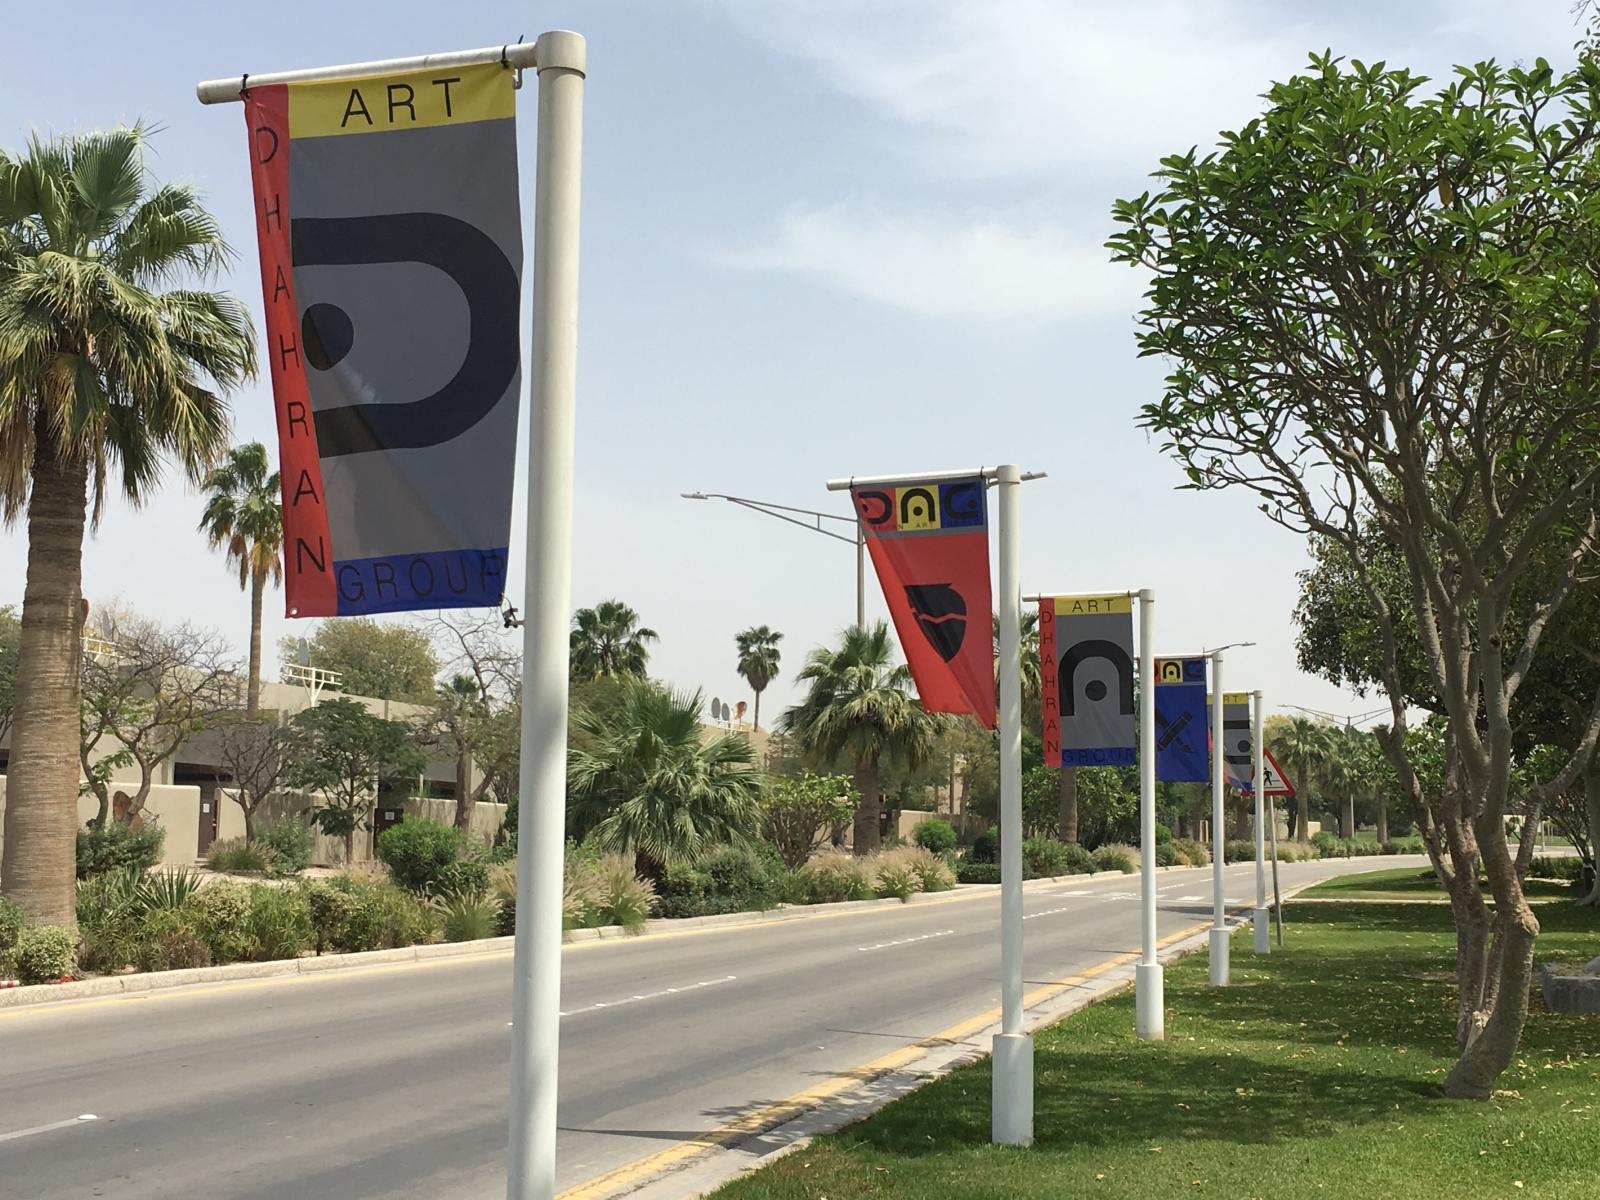 Dhahran Art Group